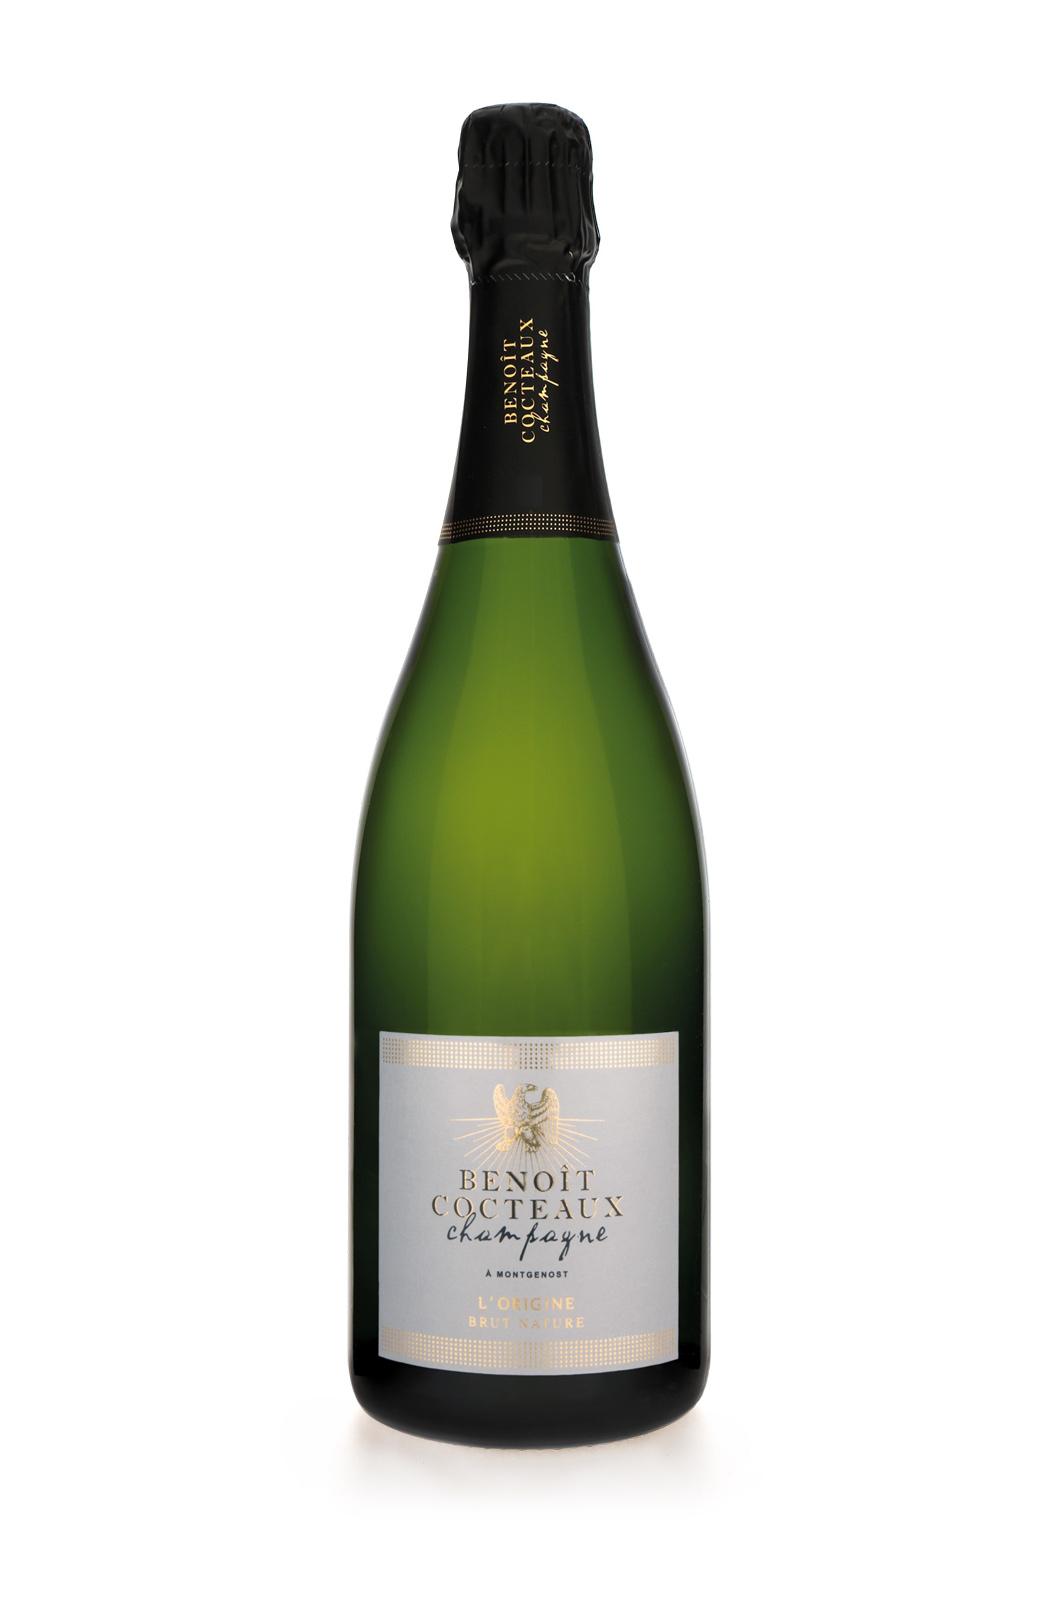 34-benoit-cocteaux-champagne-l-origine-brut-nature